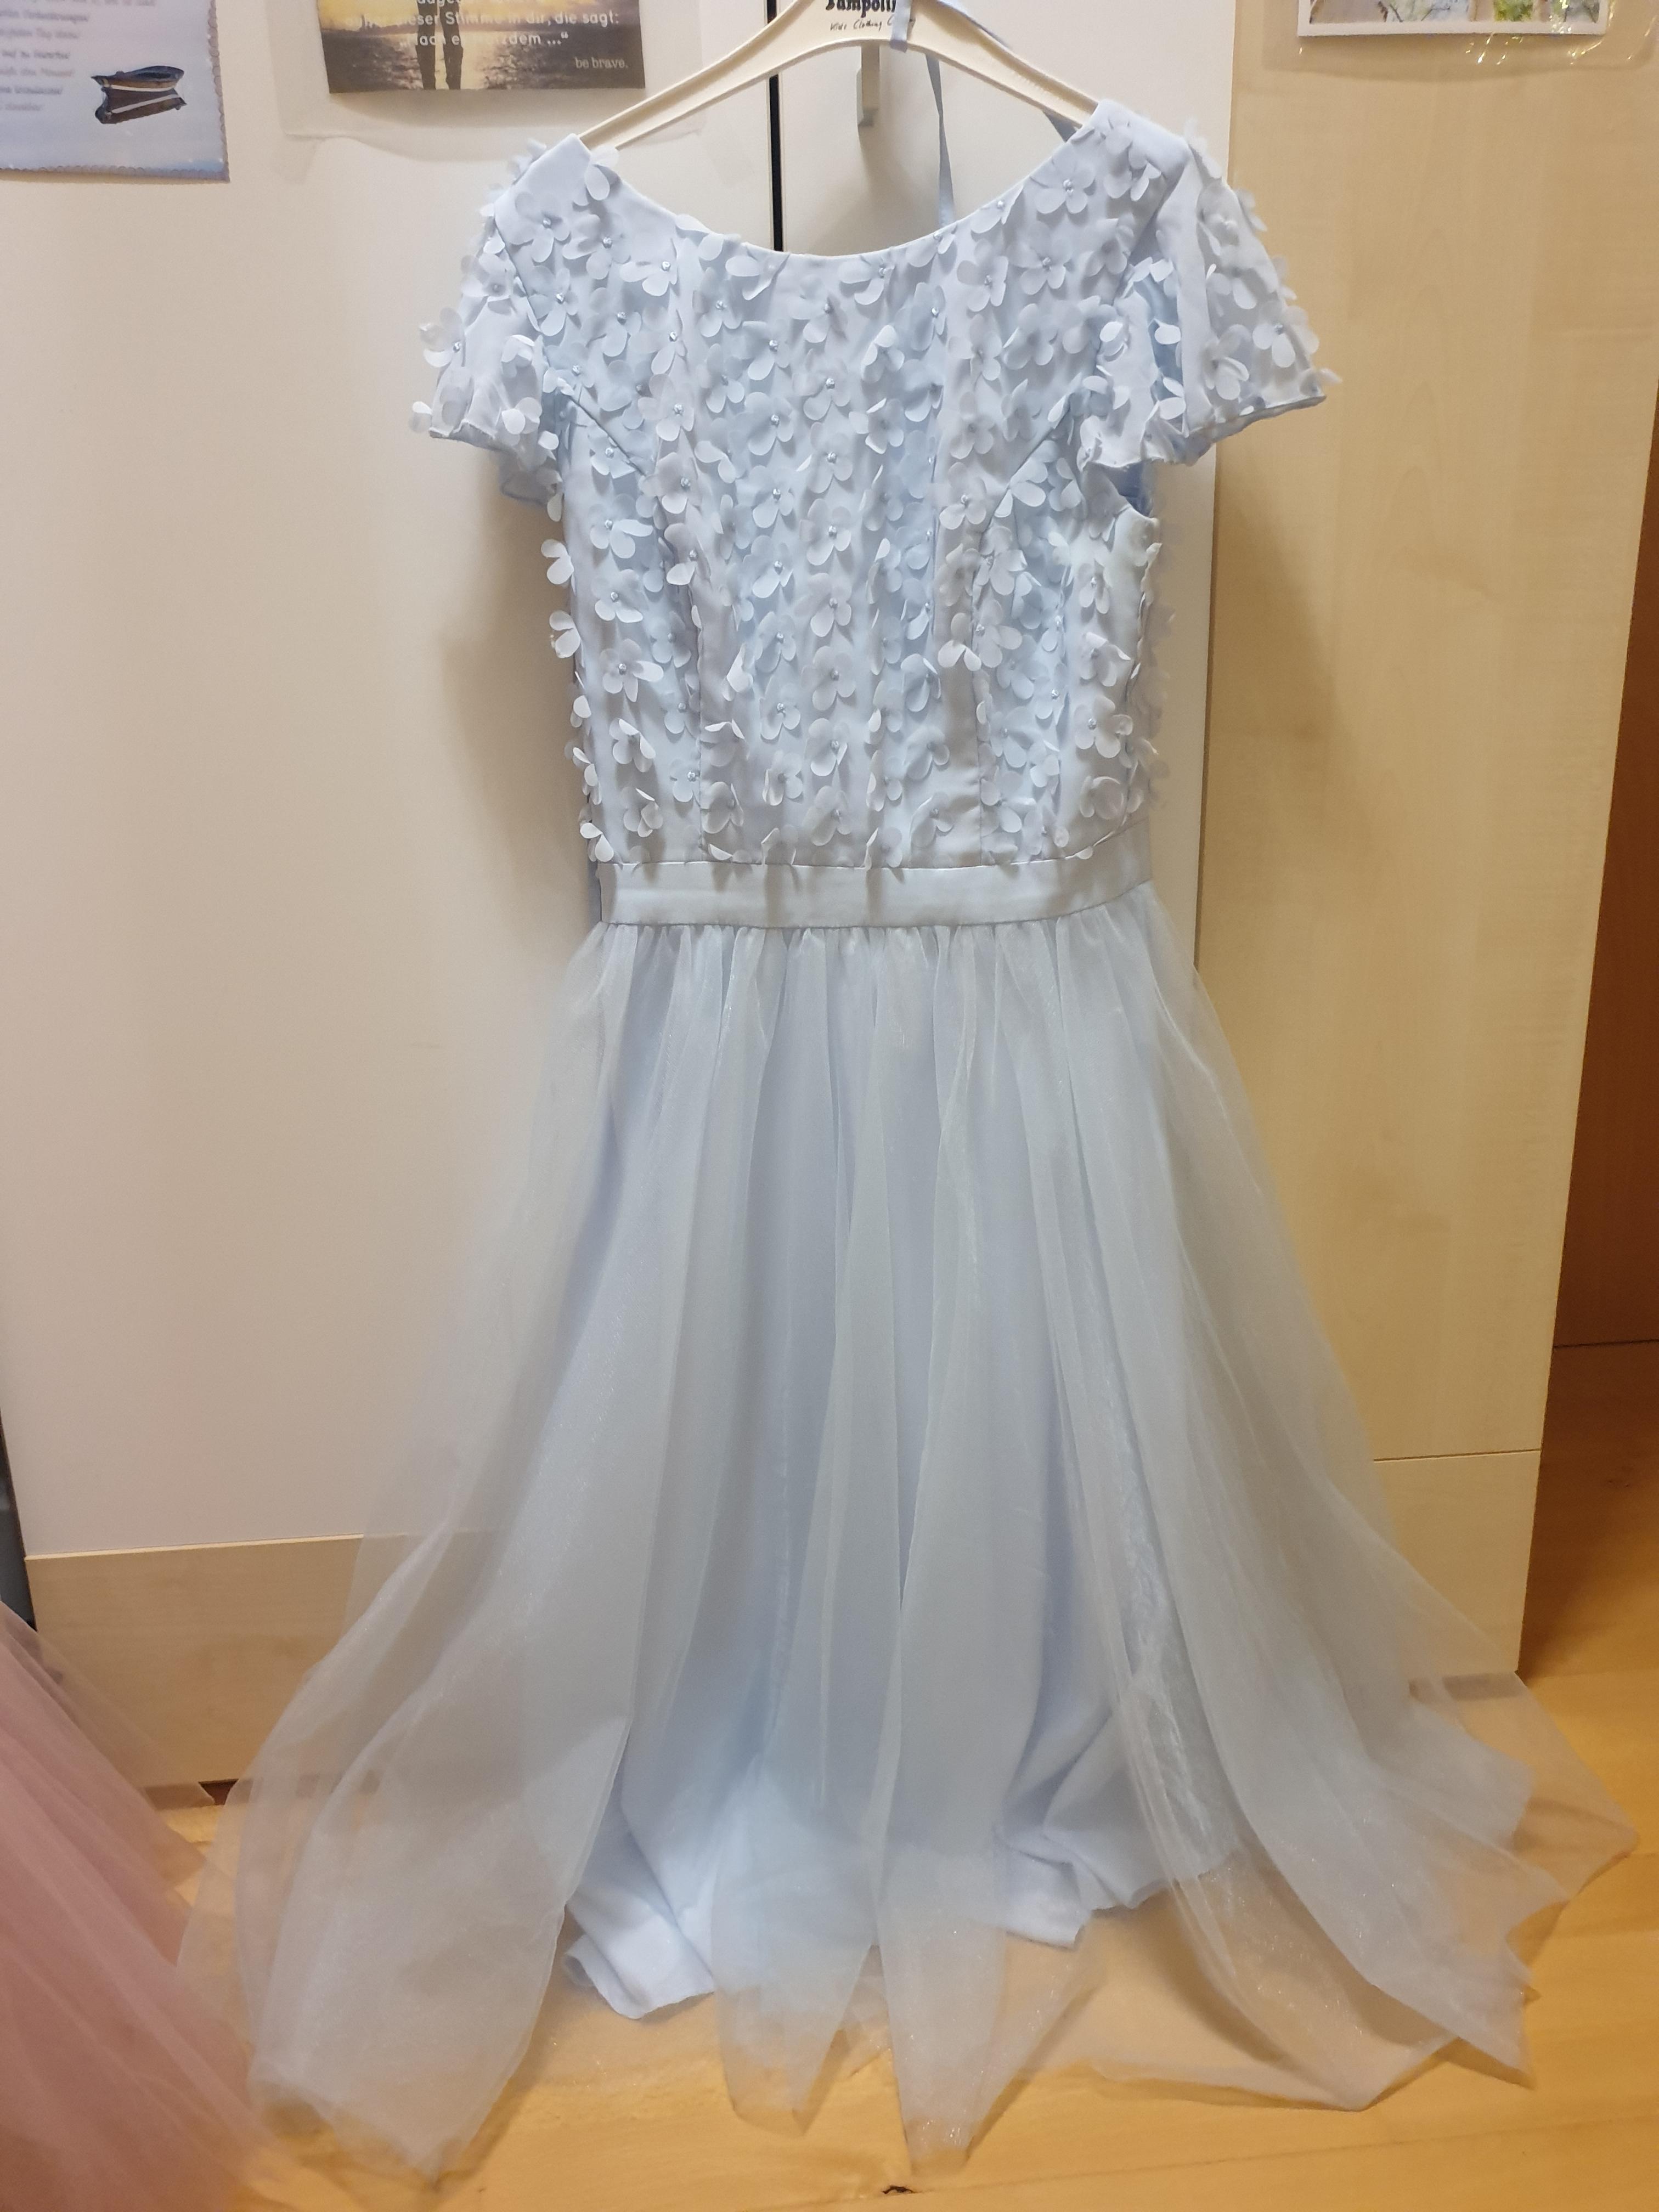 Welches Kleid für Abiball am schönsten? (Mode, Kleidung)